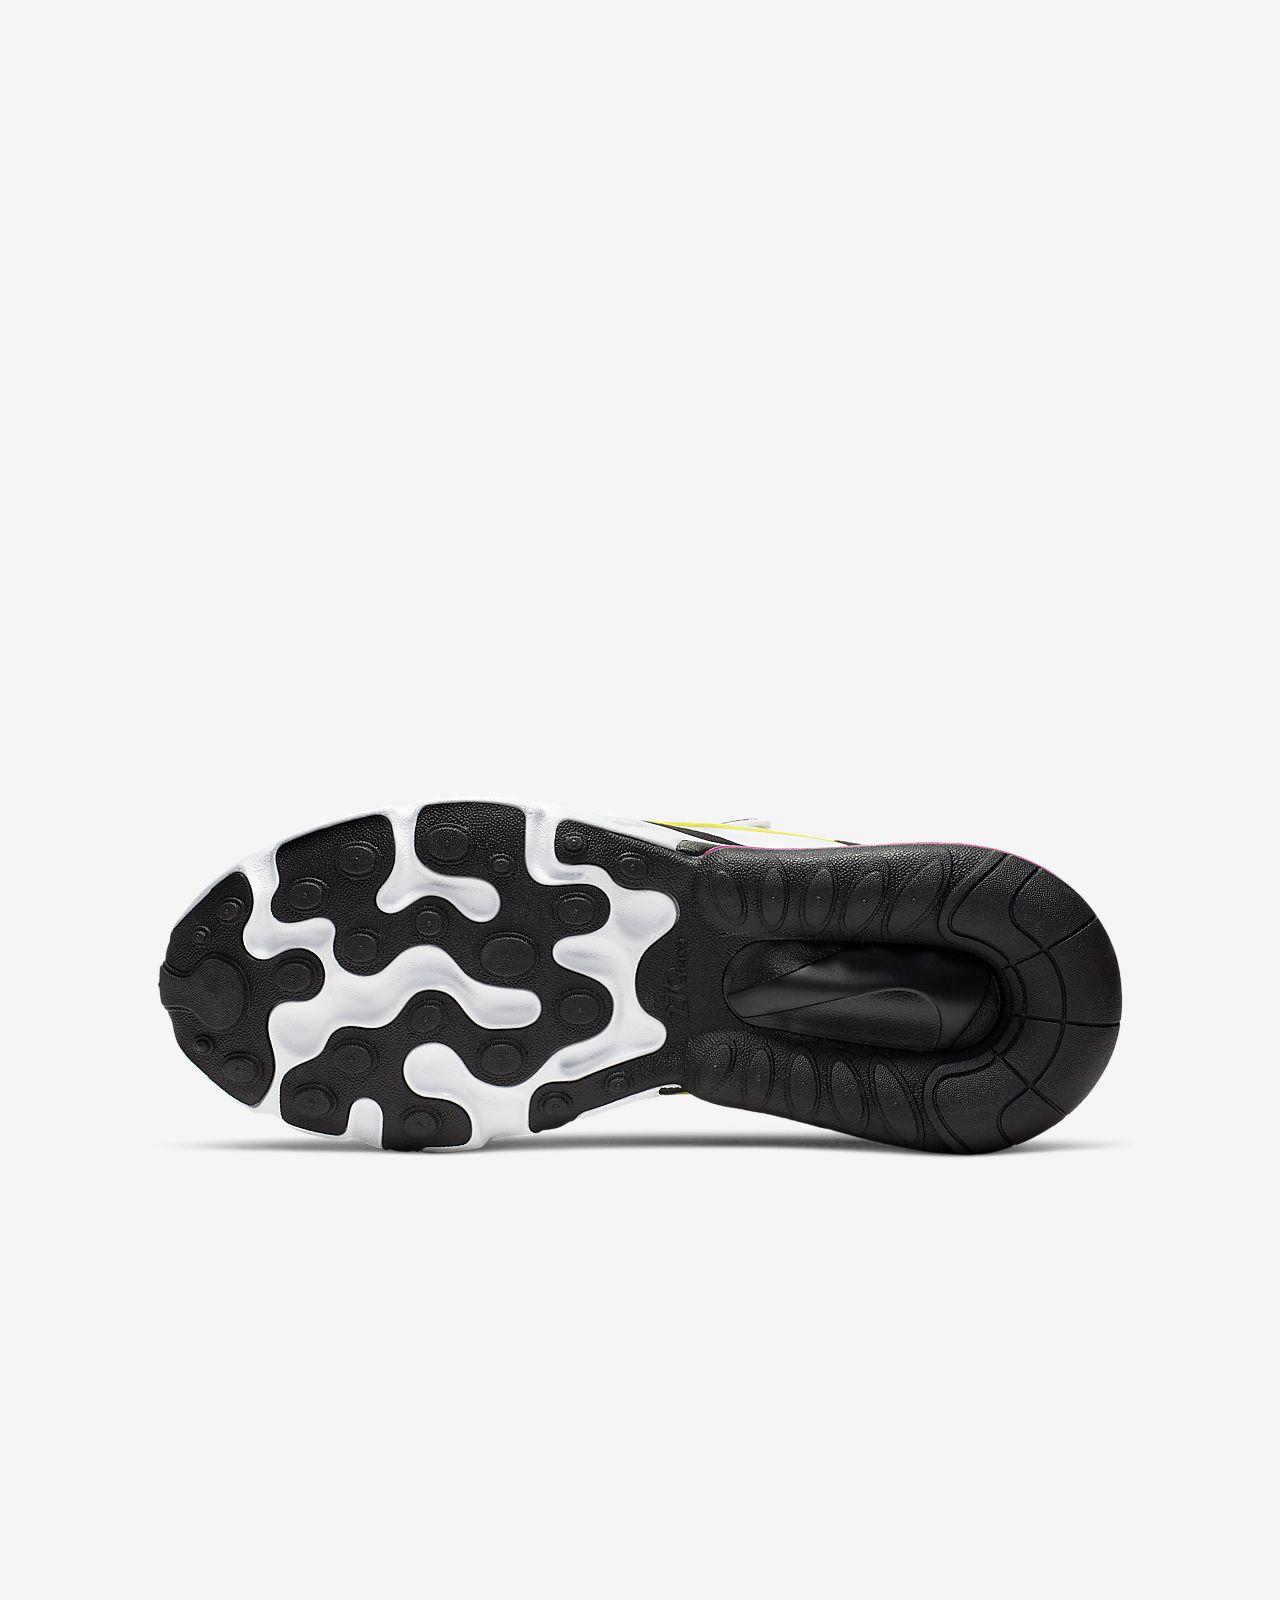 pas mal 043df 48f4b Nike Air Max 270 React Big Kids' Shoe